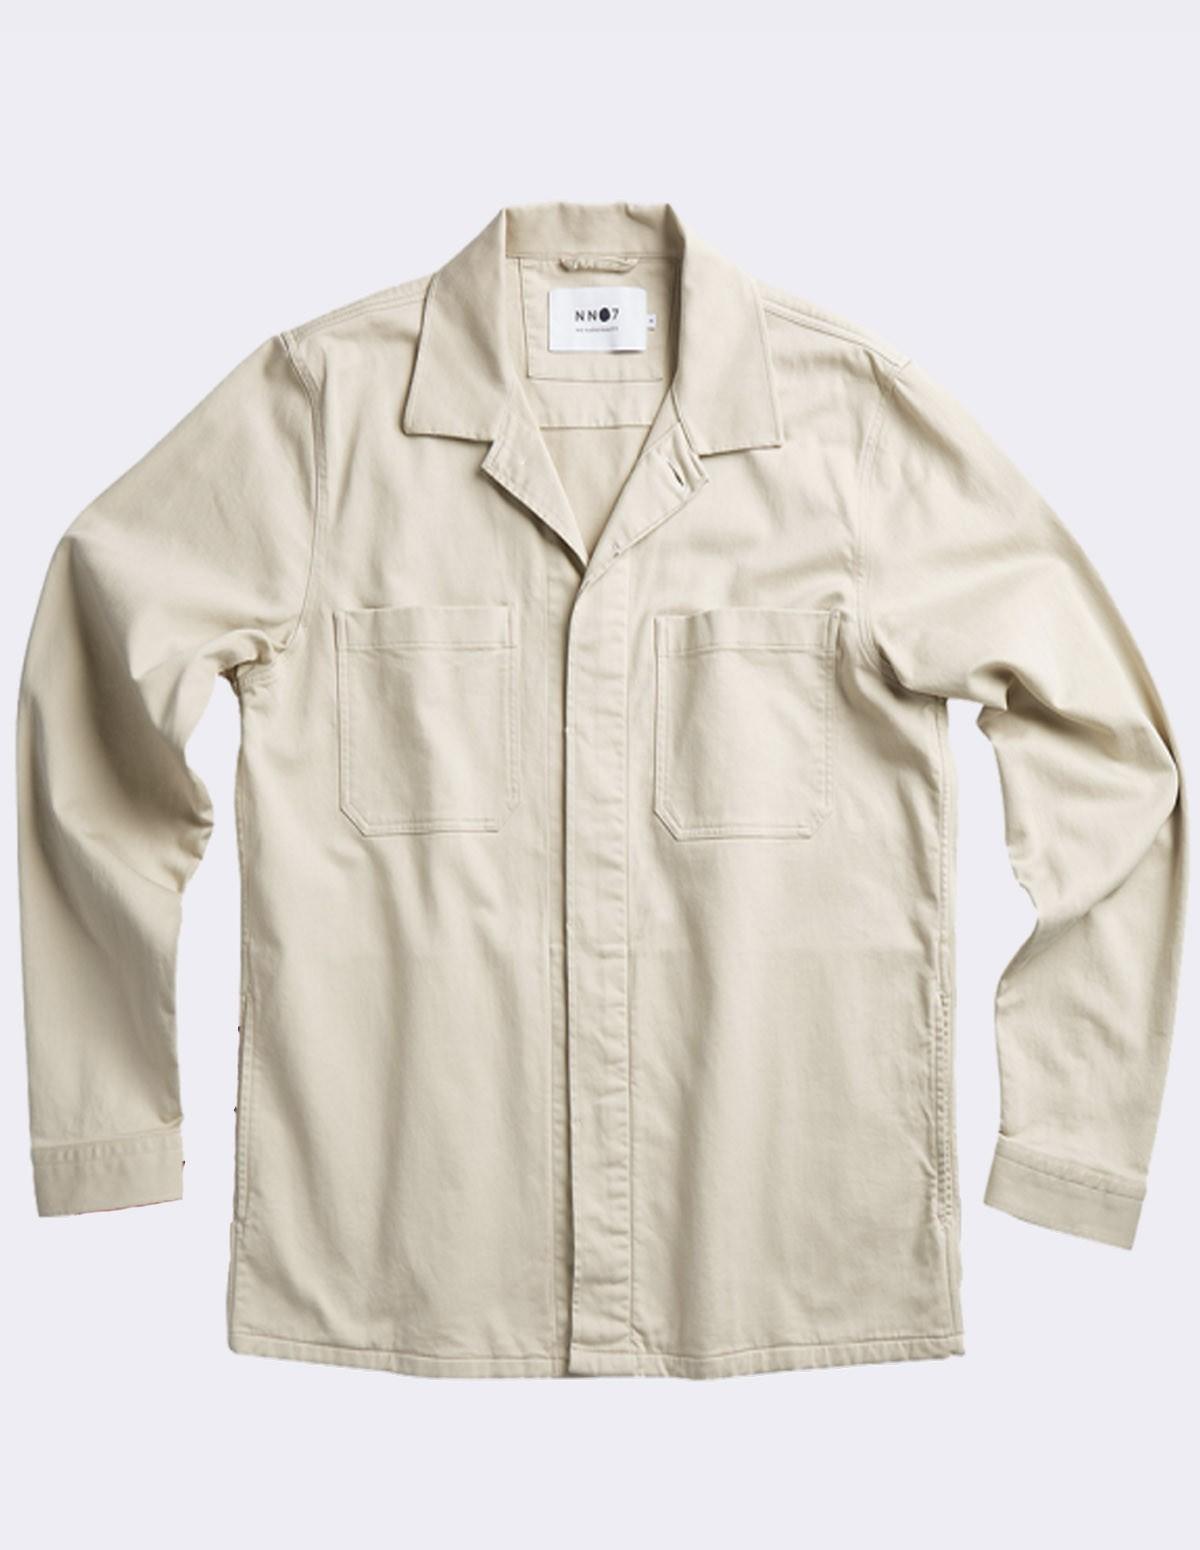 Nn07 Bernie 1420 Jacket - KIT 010